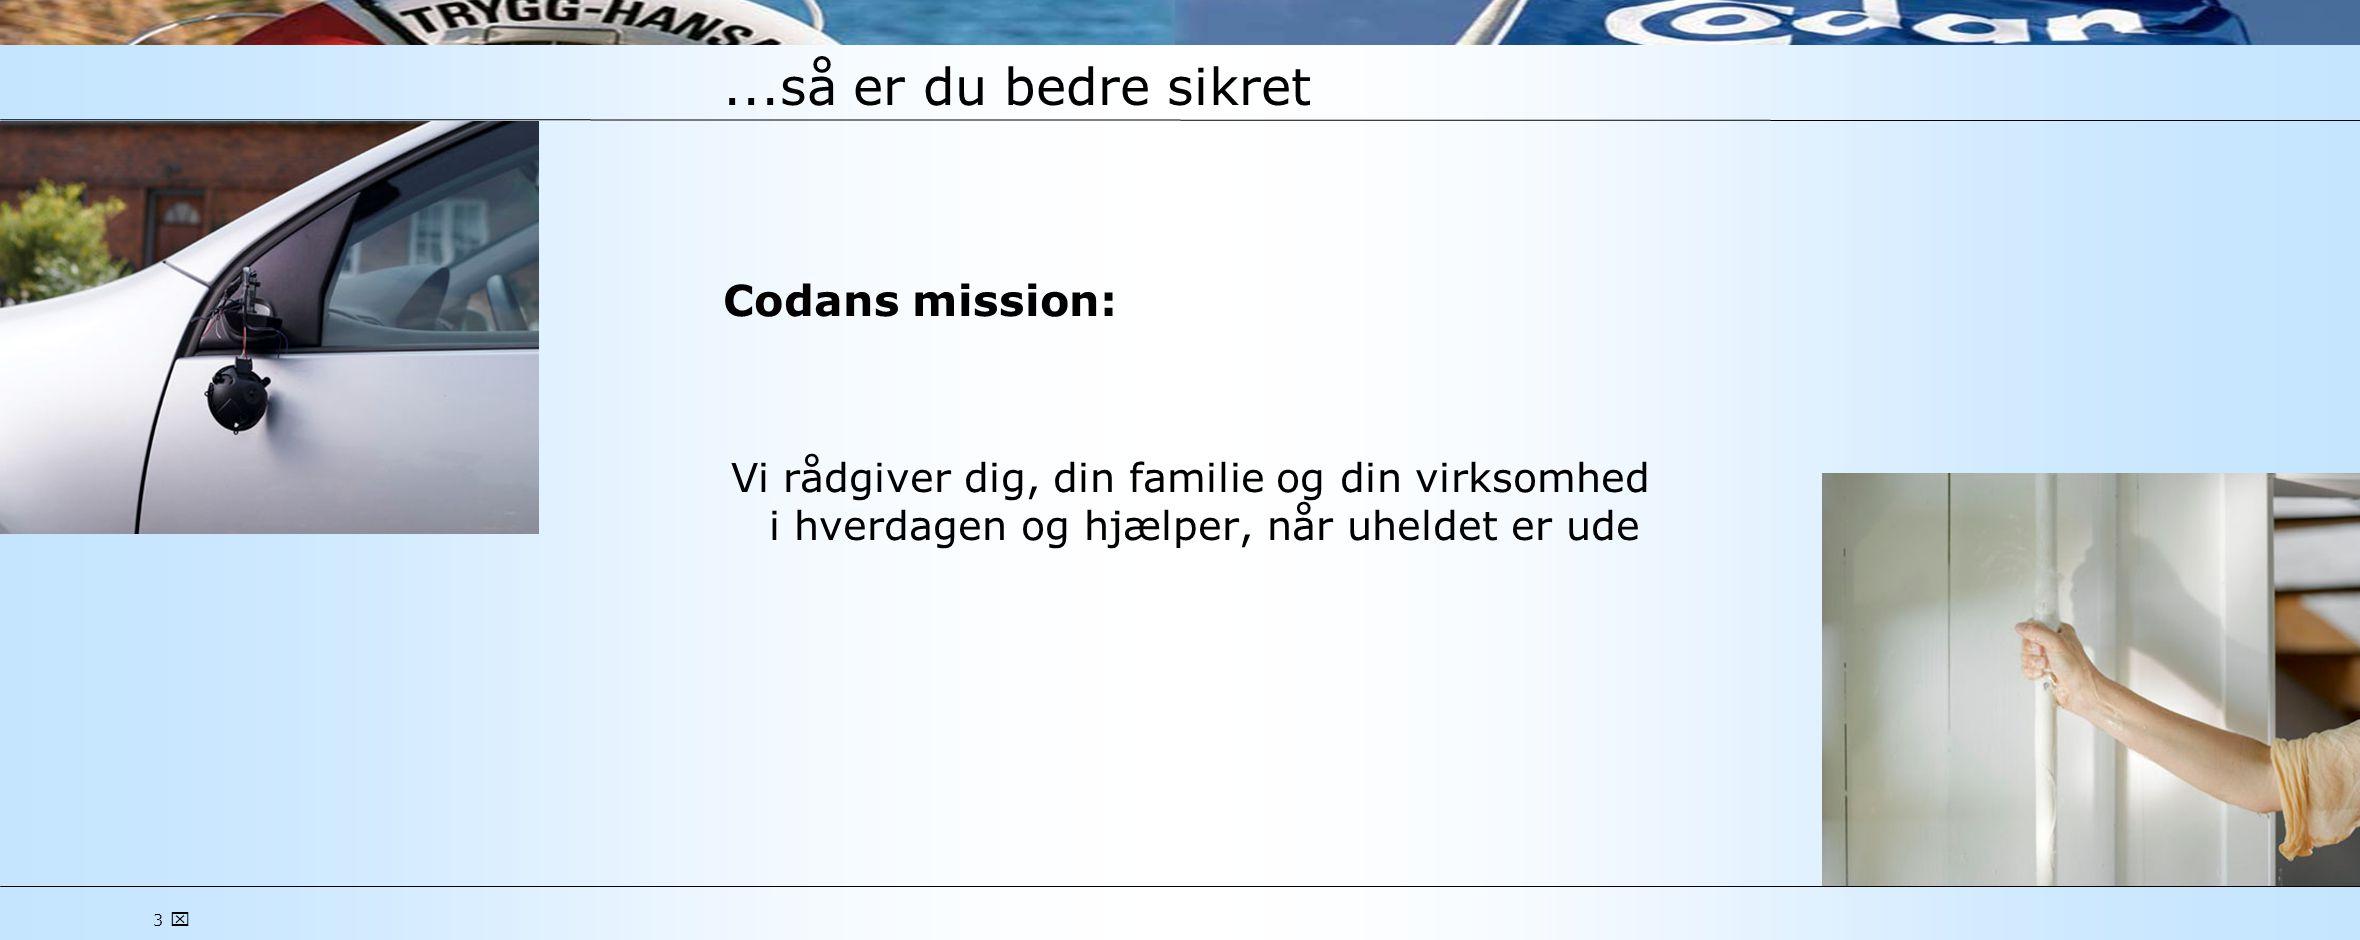 3 ...så er du bedre sikret Codans mission: Vi rådgiver dig, din familie og din virksomhed i hverdagen og hjælper, når uheldet er ude